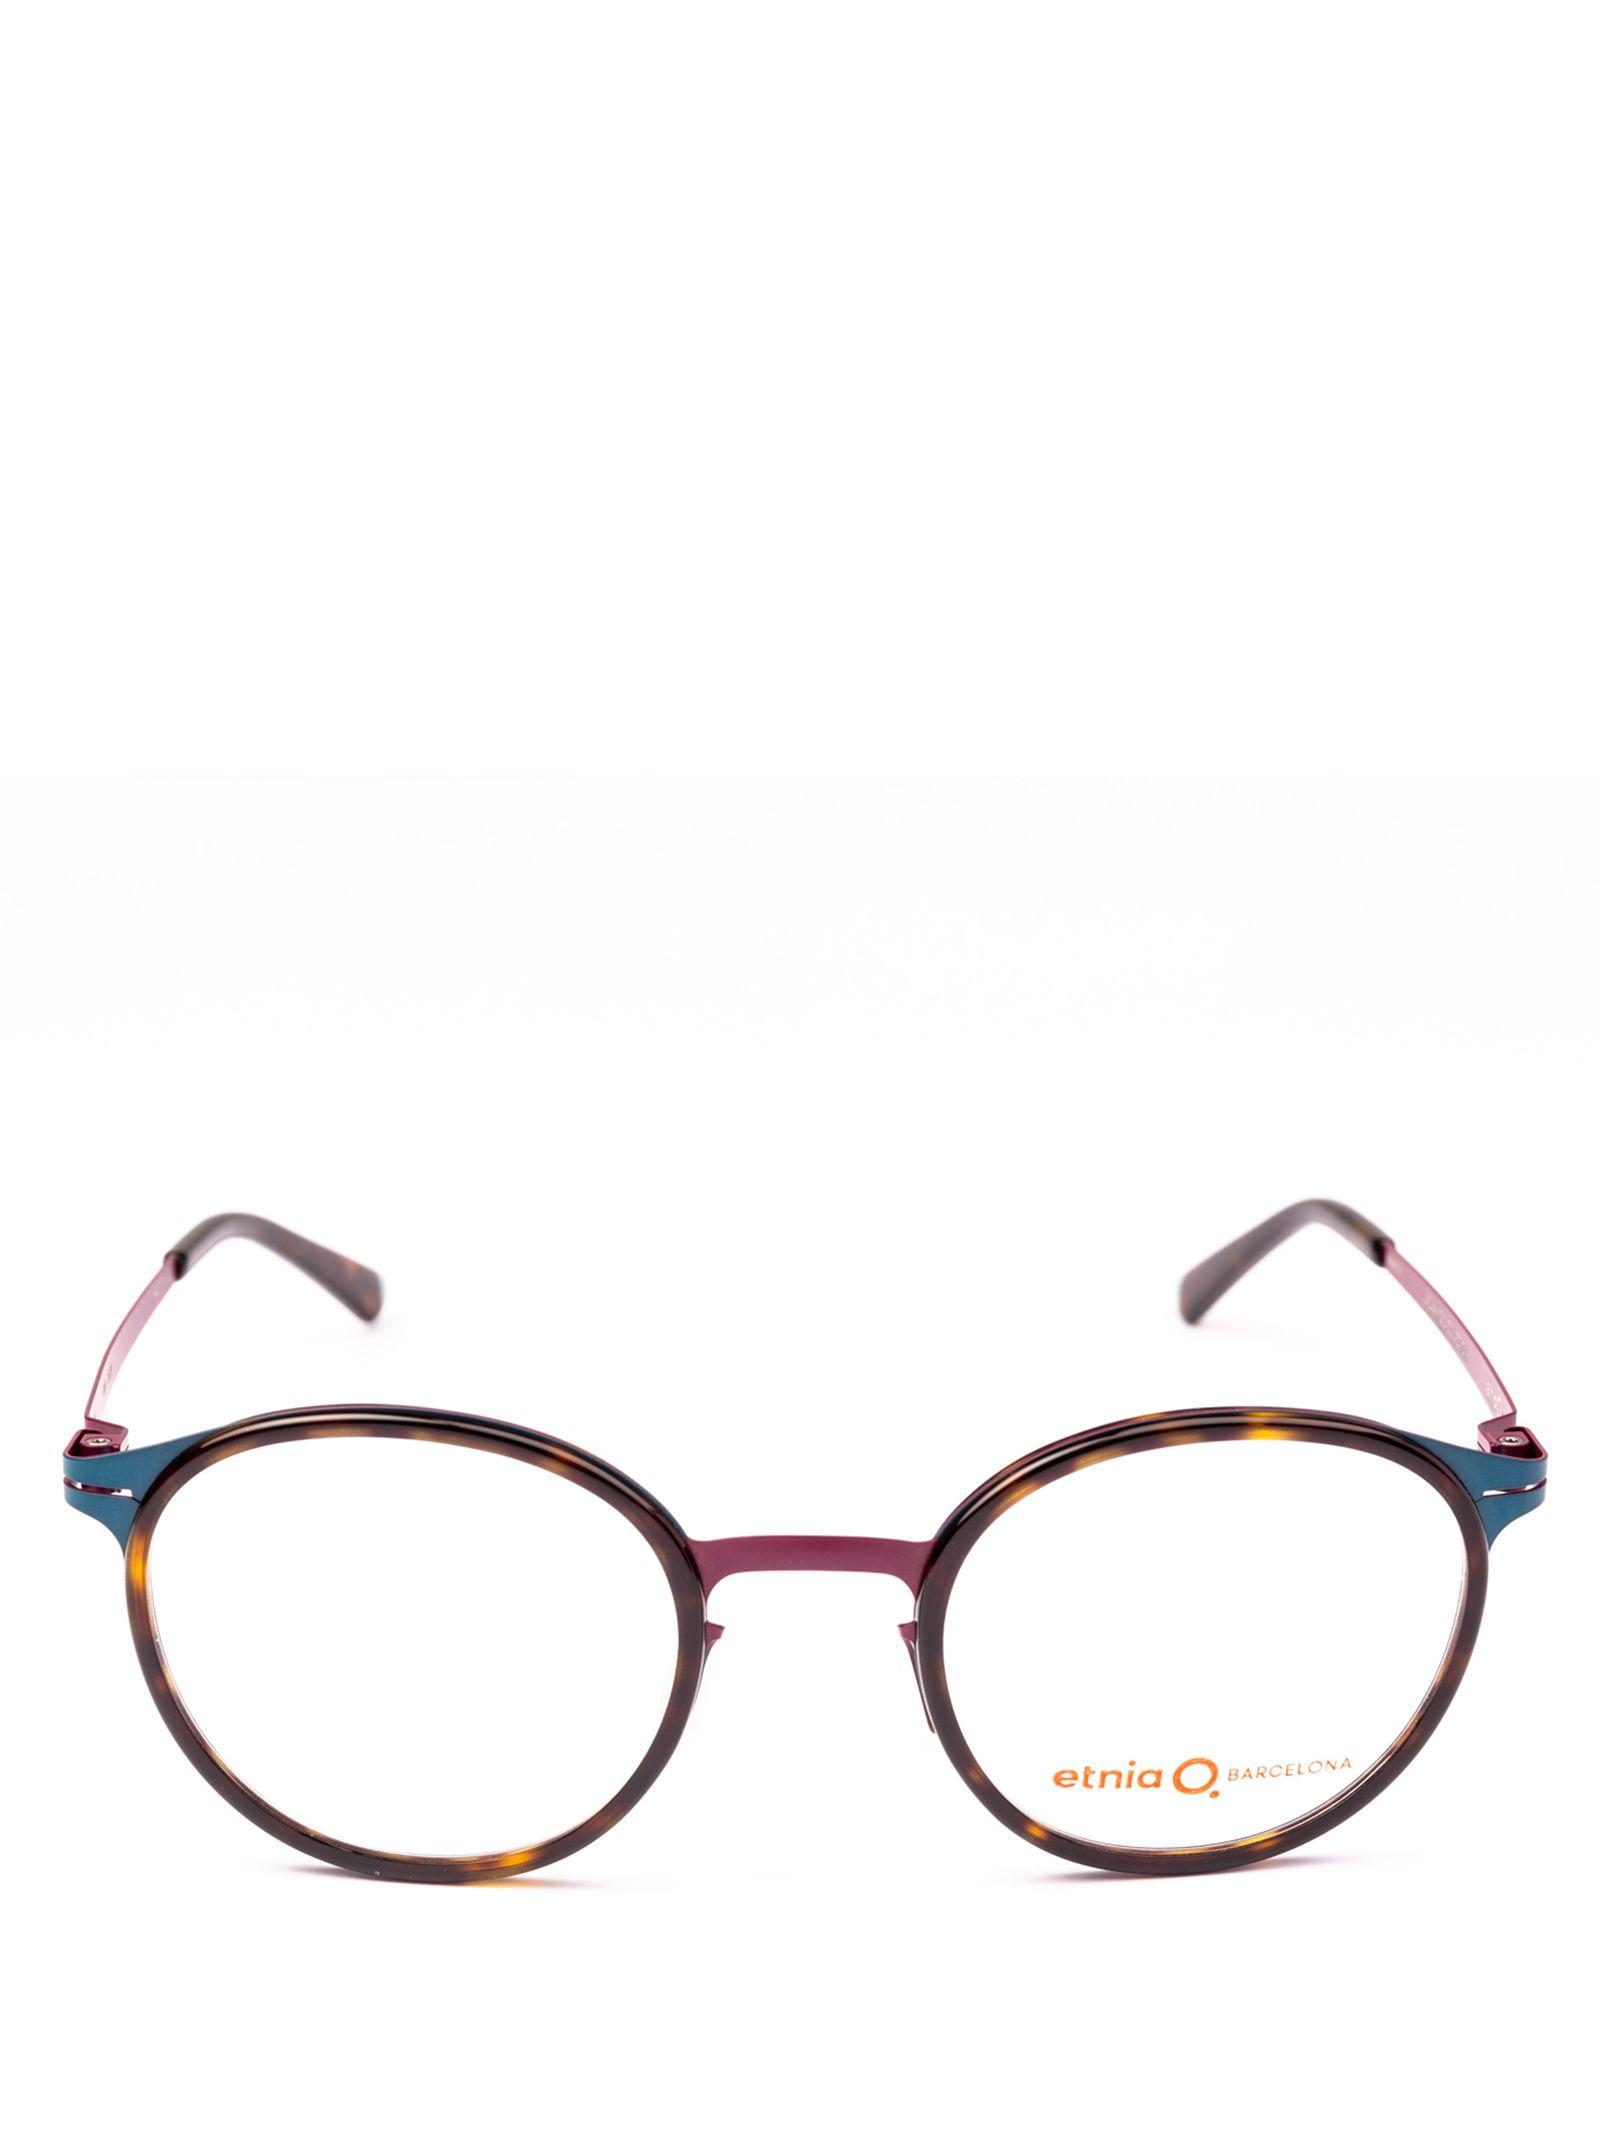 ETNIA BARCELONA Glasses in Blhv